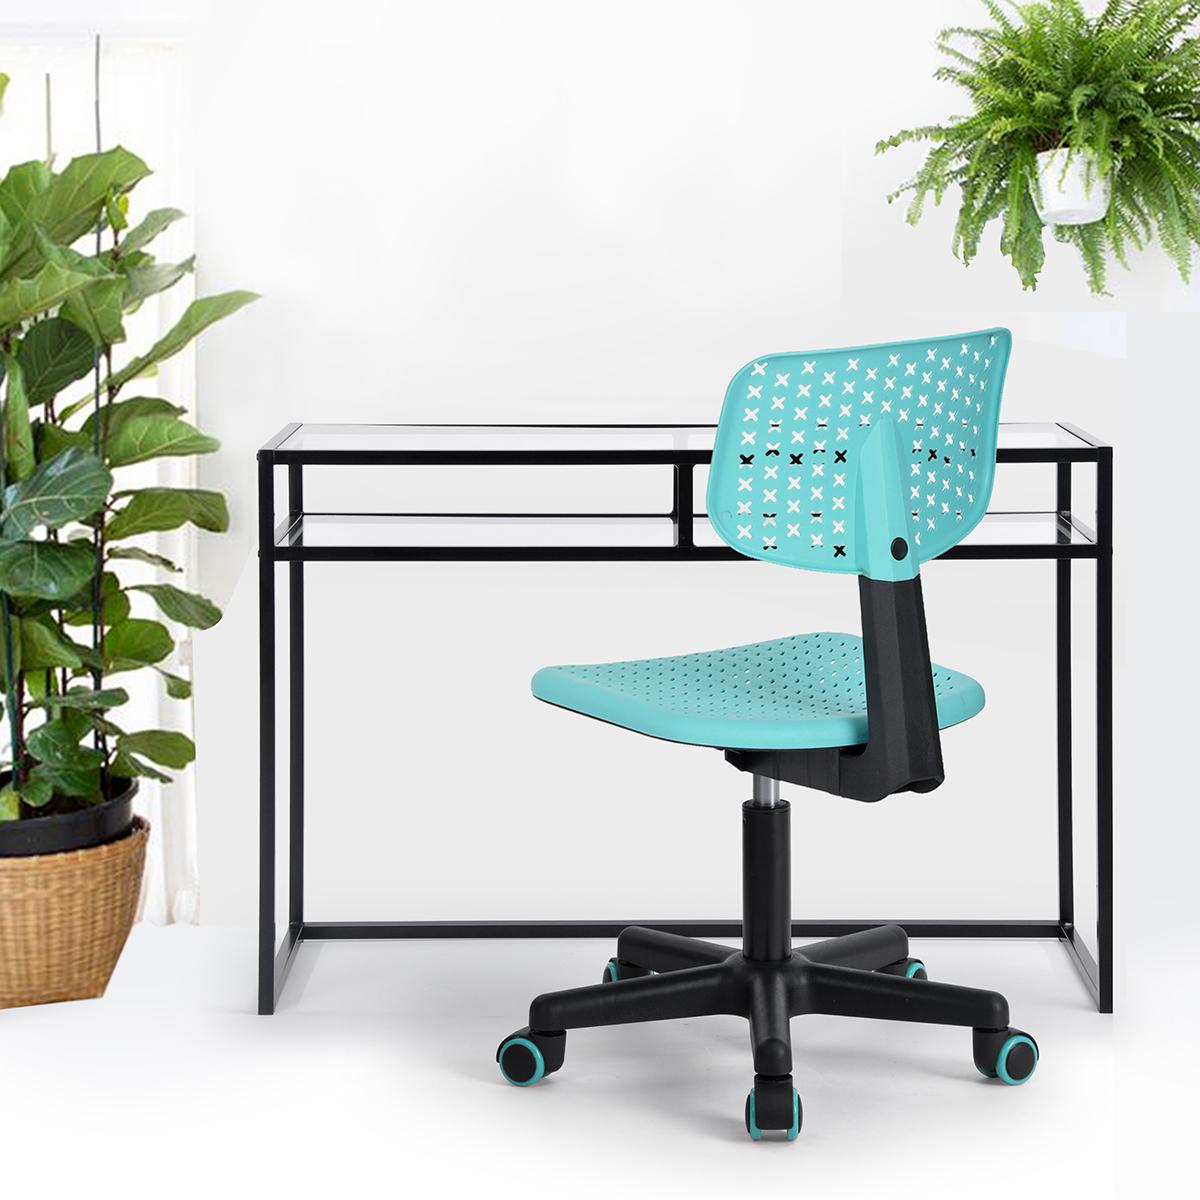 chaise de bureau fauteuil plastique hauteur r glable roulette 360 enfant adulte ebay. Black Bedroom Furniture Sets. Home Design Ideas